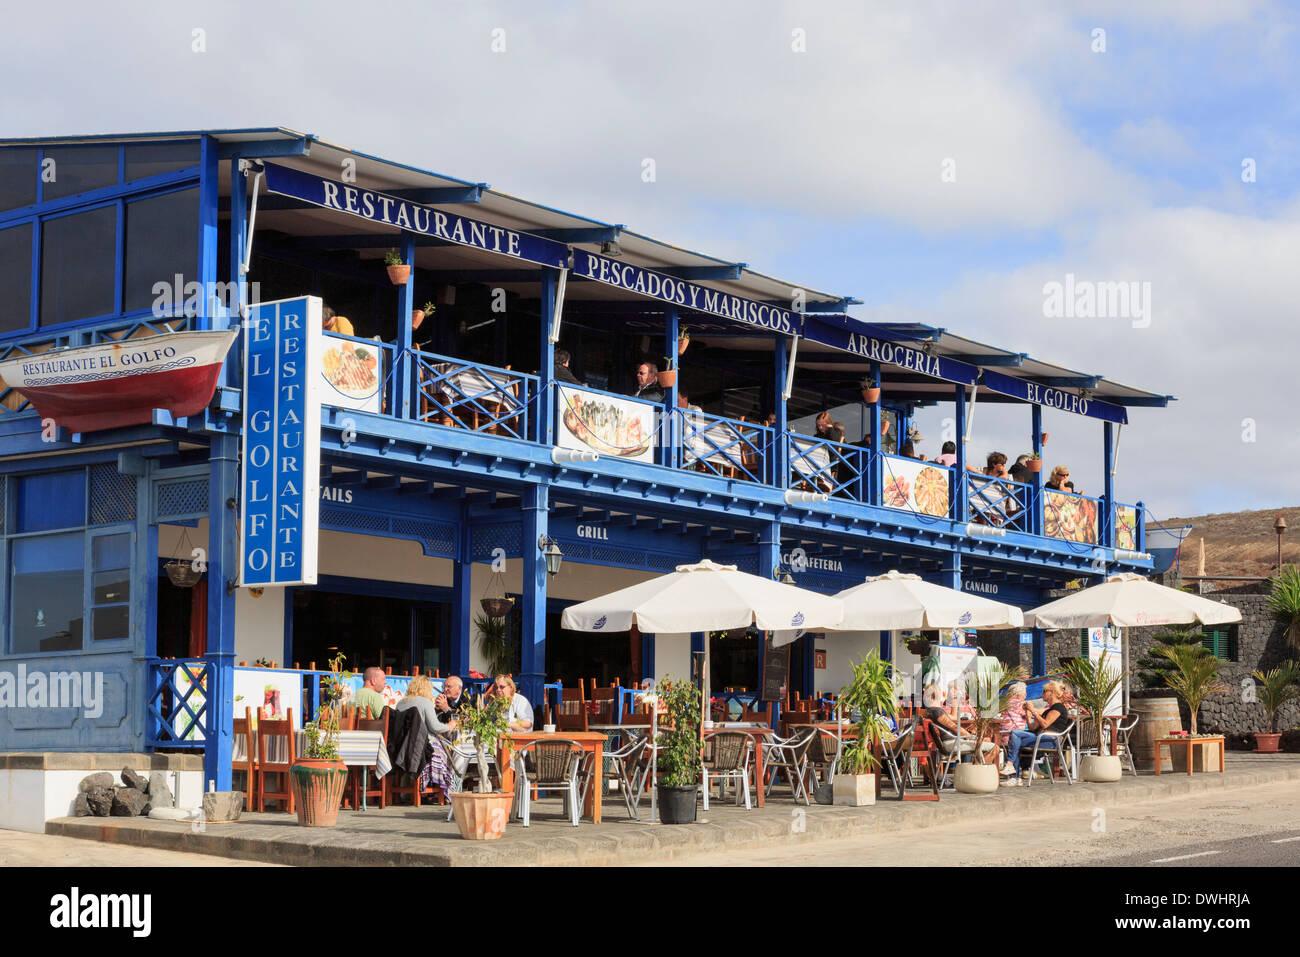 Menschen Essen im Freien ein Fischrestaurant in El Golfo, Lanzarote, Kanarische Inseln, Spanien, Europa. Stockbild